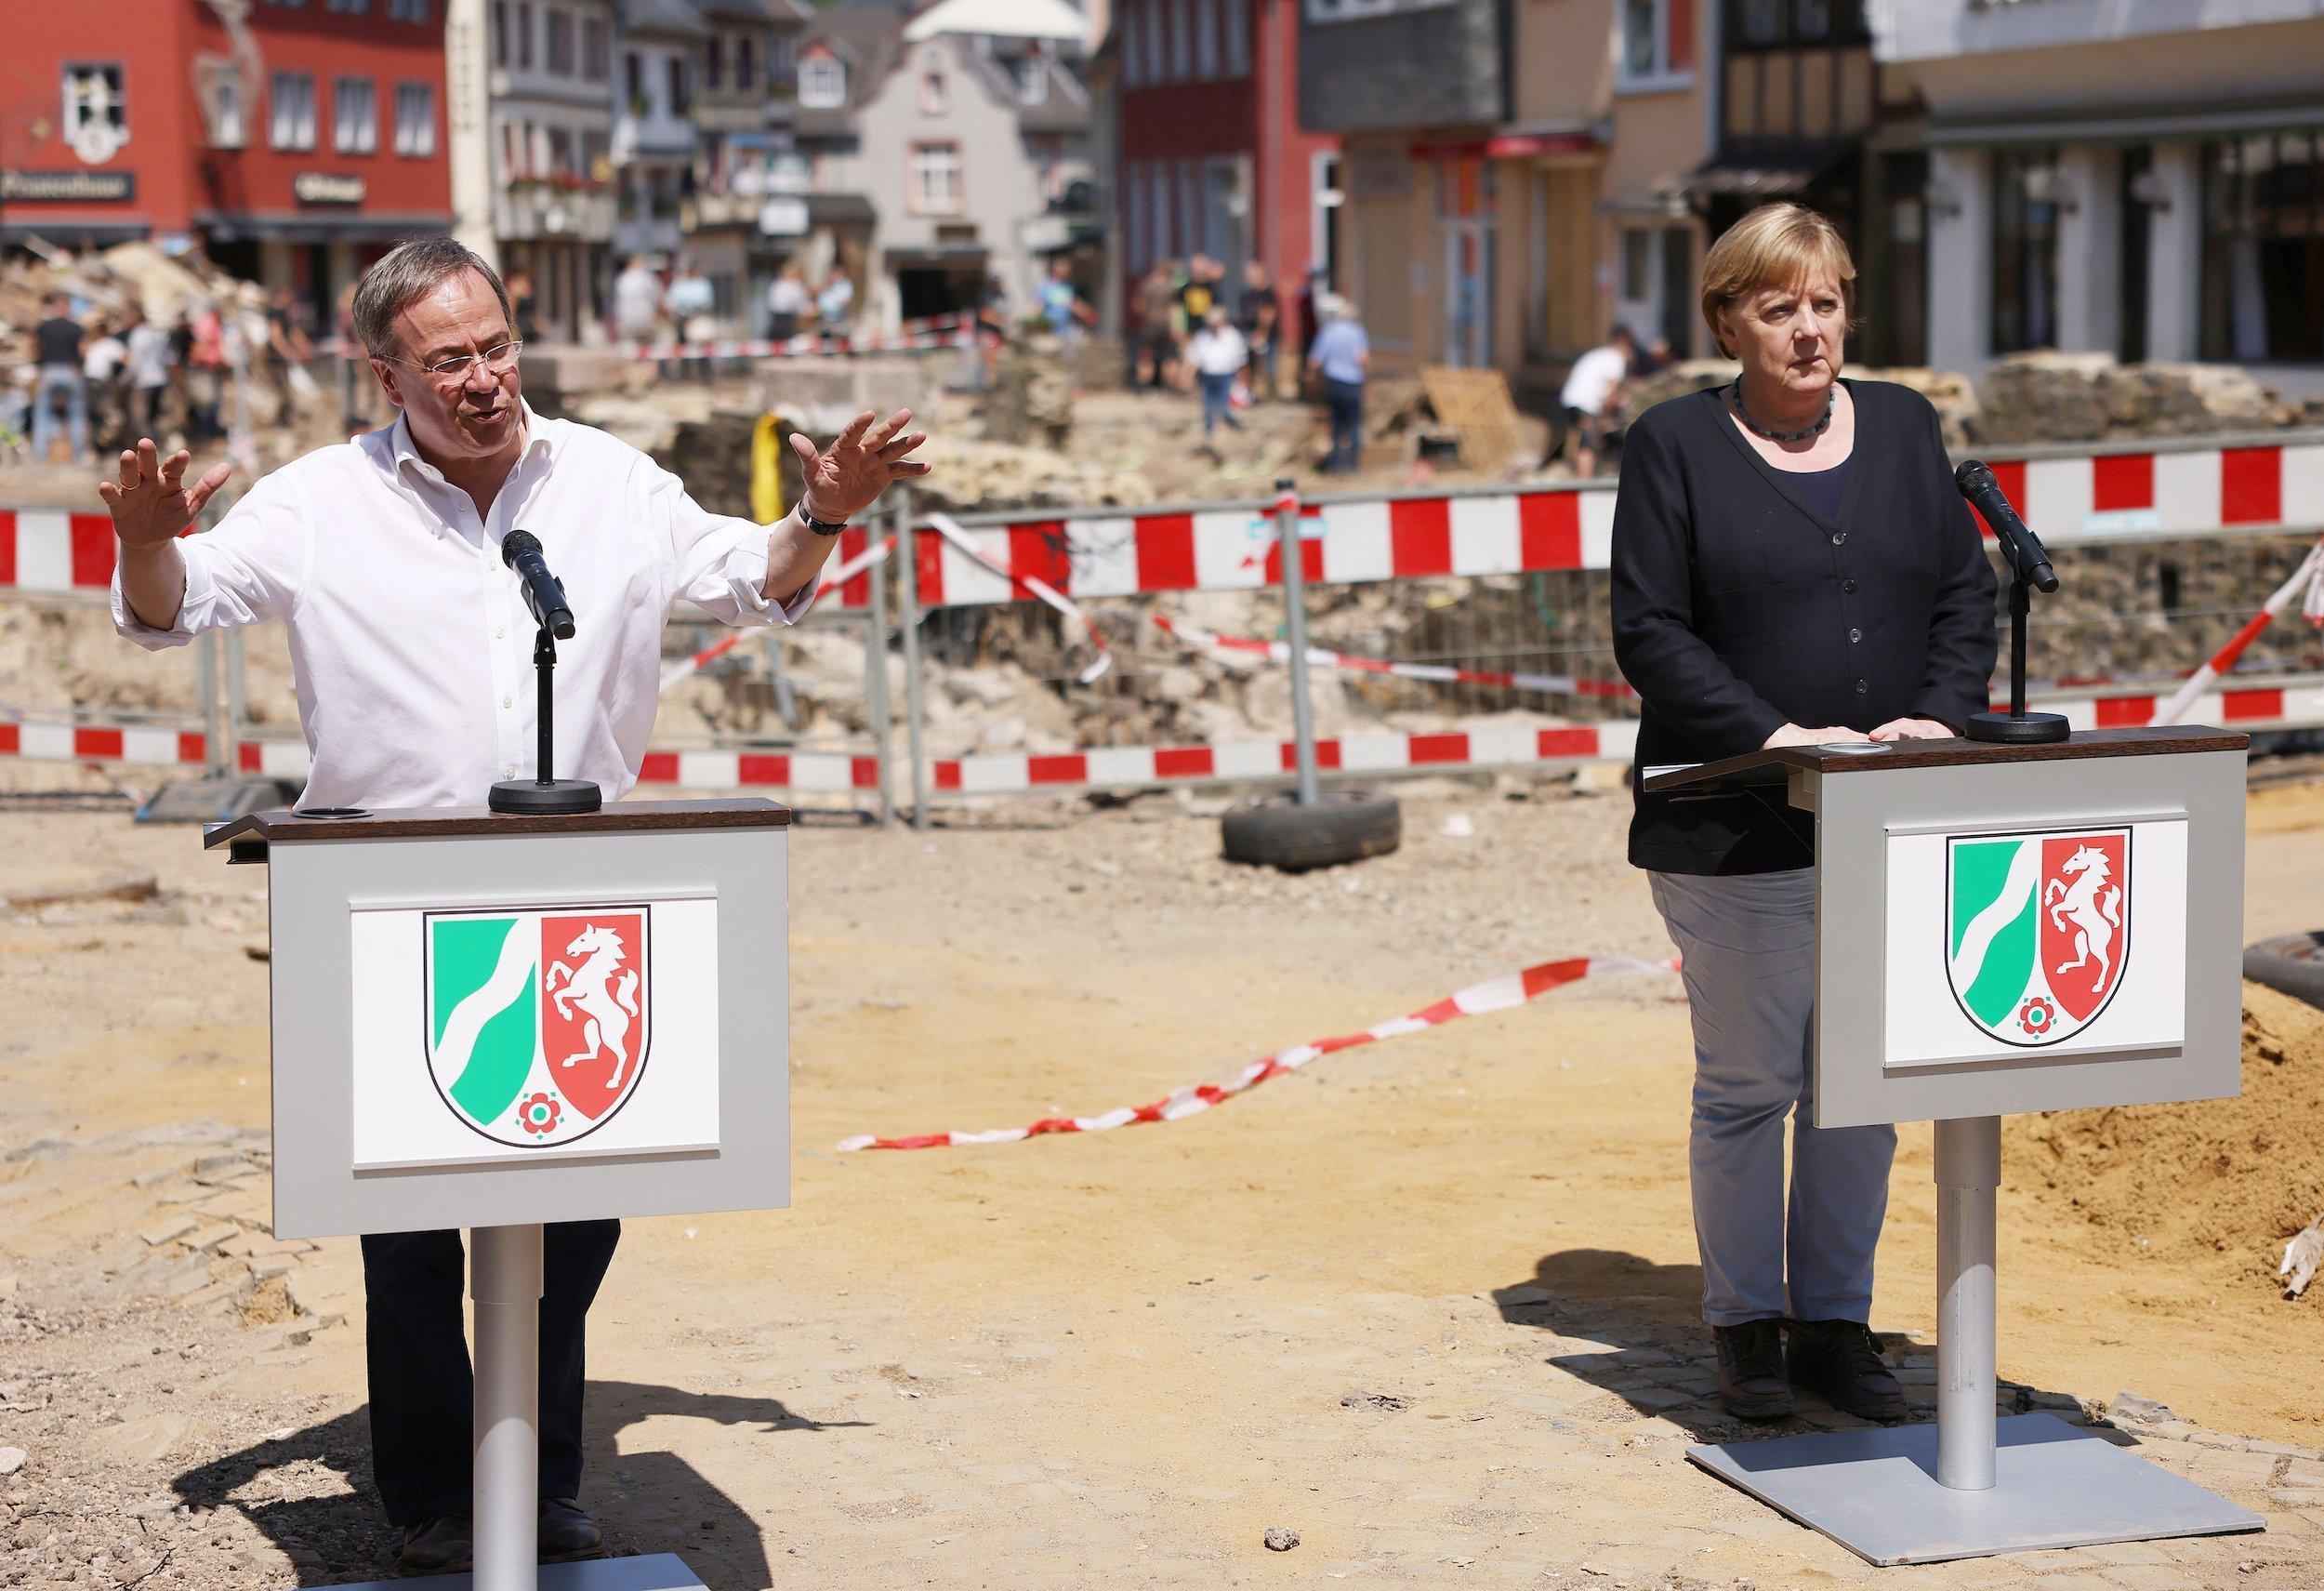 Armin Laschet (CDU), Ministerpräsident von Nordrhein-Westfalen, und Bundeskanzlerin Angela Merkel (CDU) geben eine Pressekonferenz in Bad Münstereifel vor Trümmern.